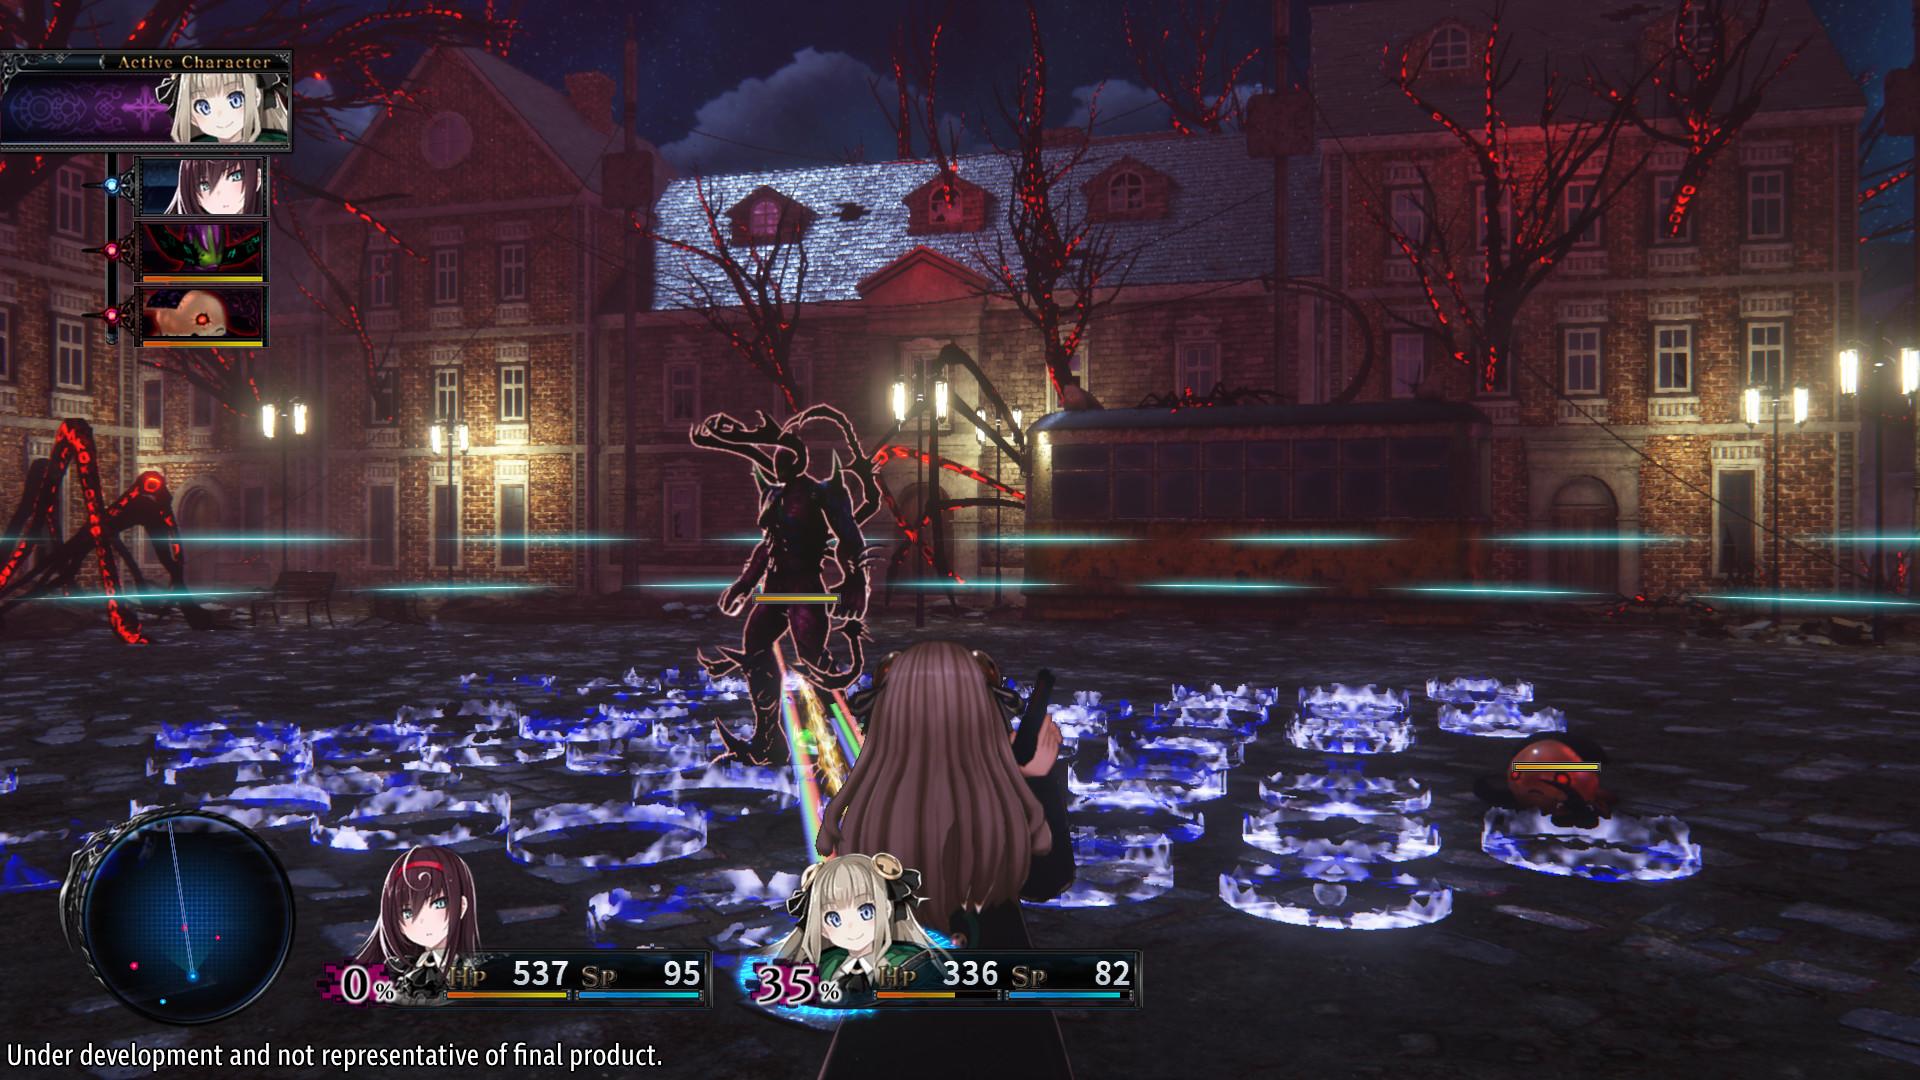 死亡终局:轮回试炼2/Death end re;Quest 2插图5